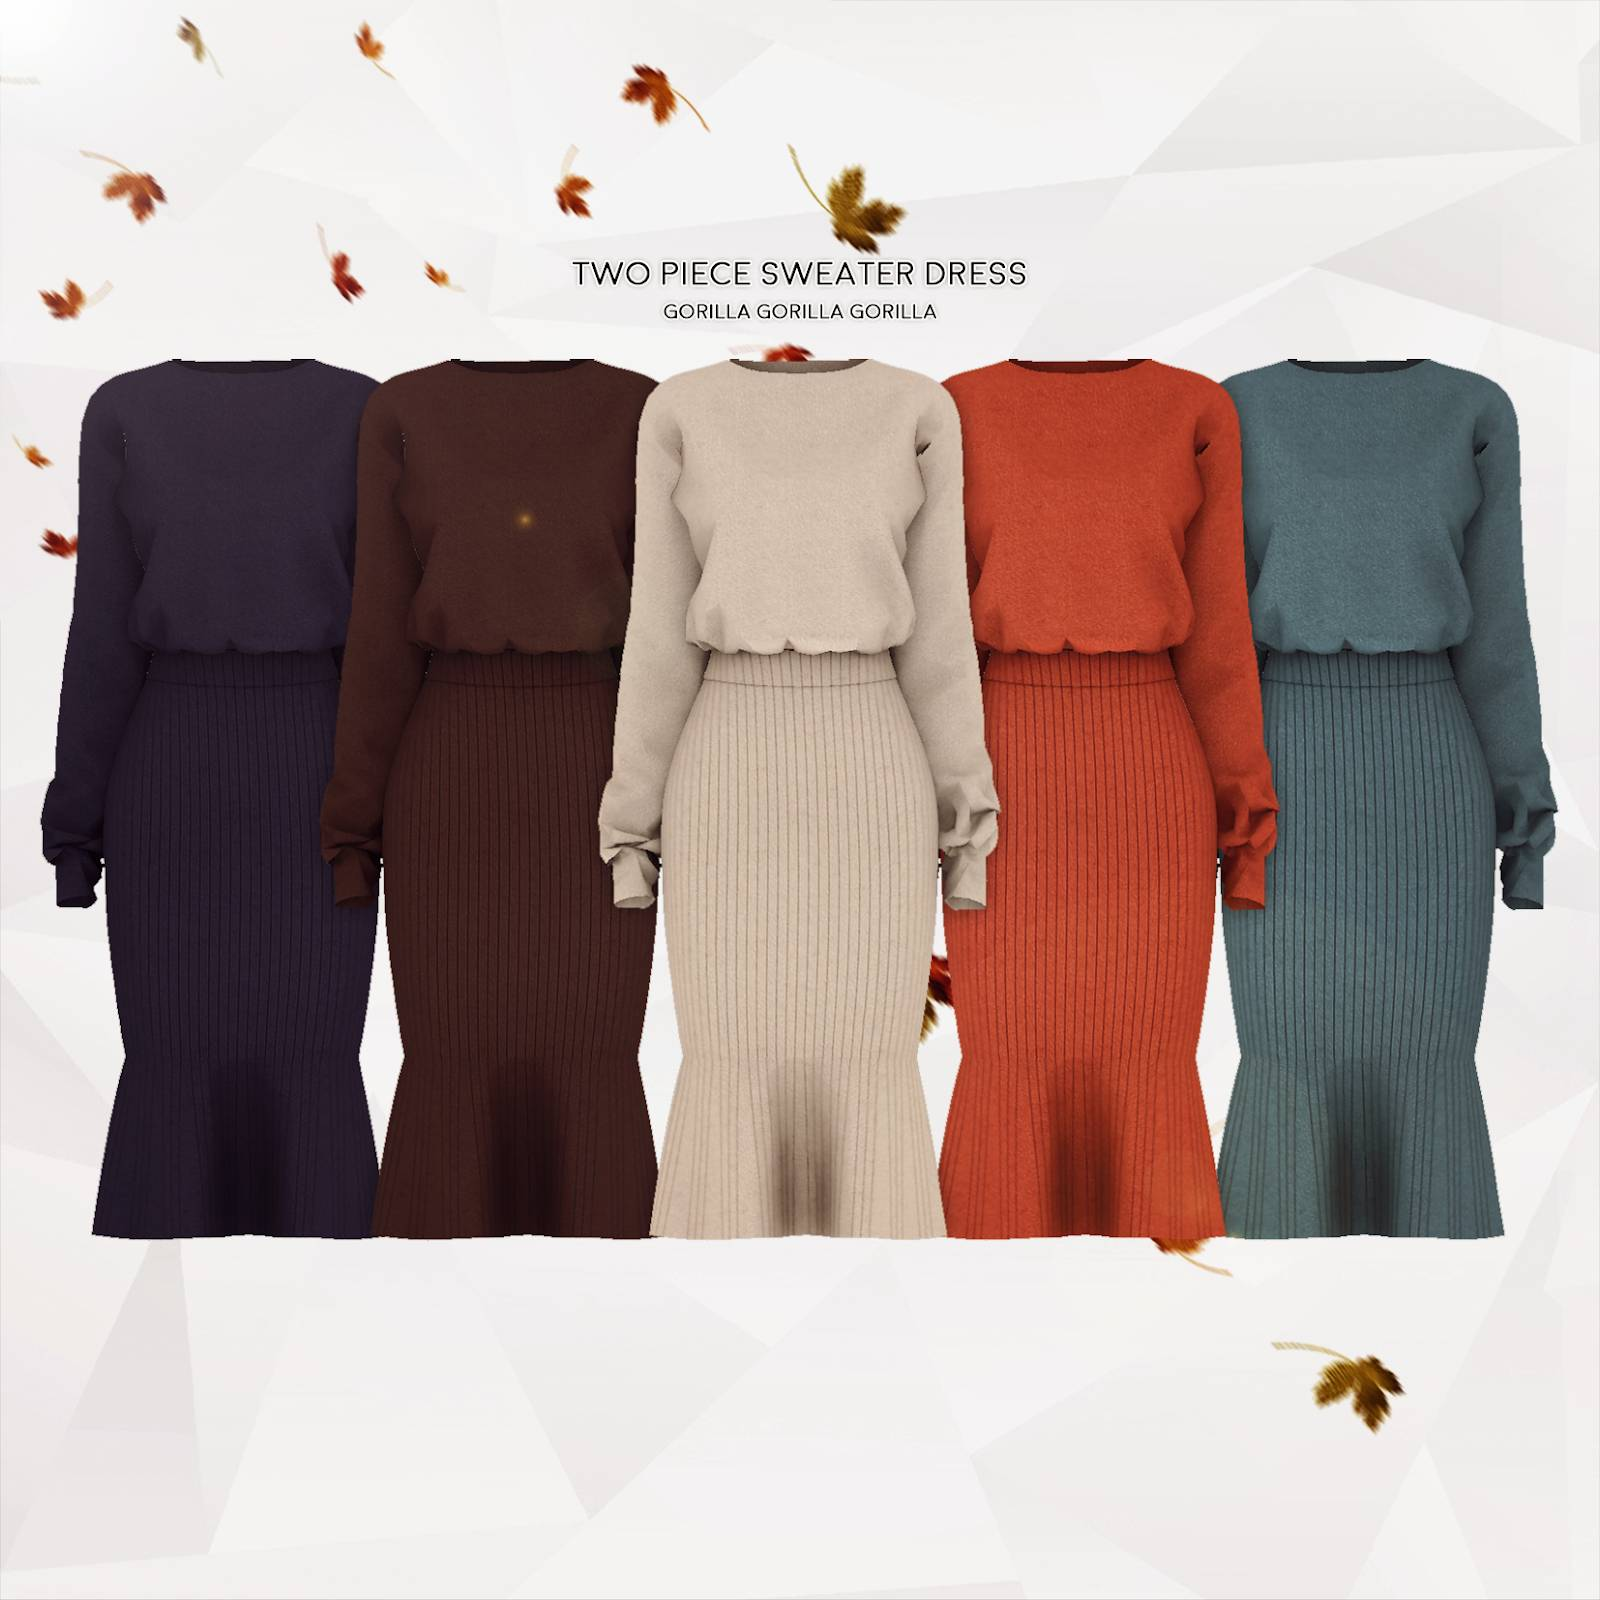 Свитер и юбка - Two Piece Sweater Dress